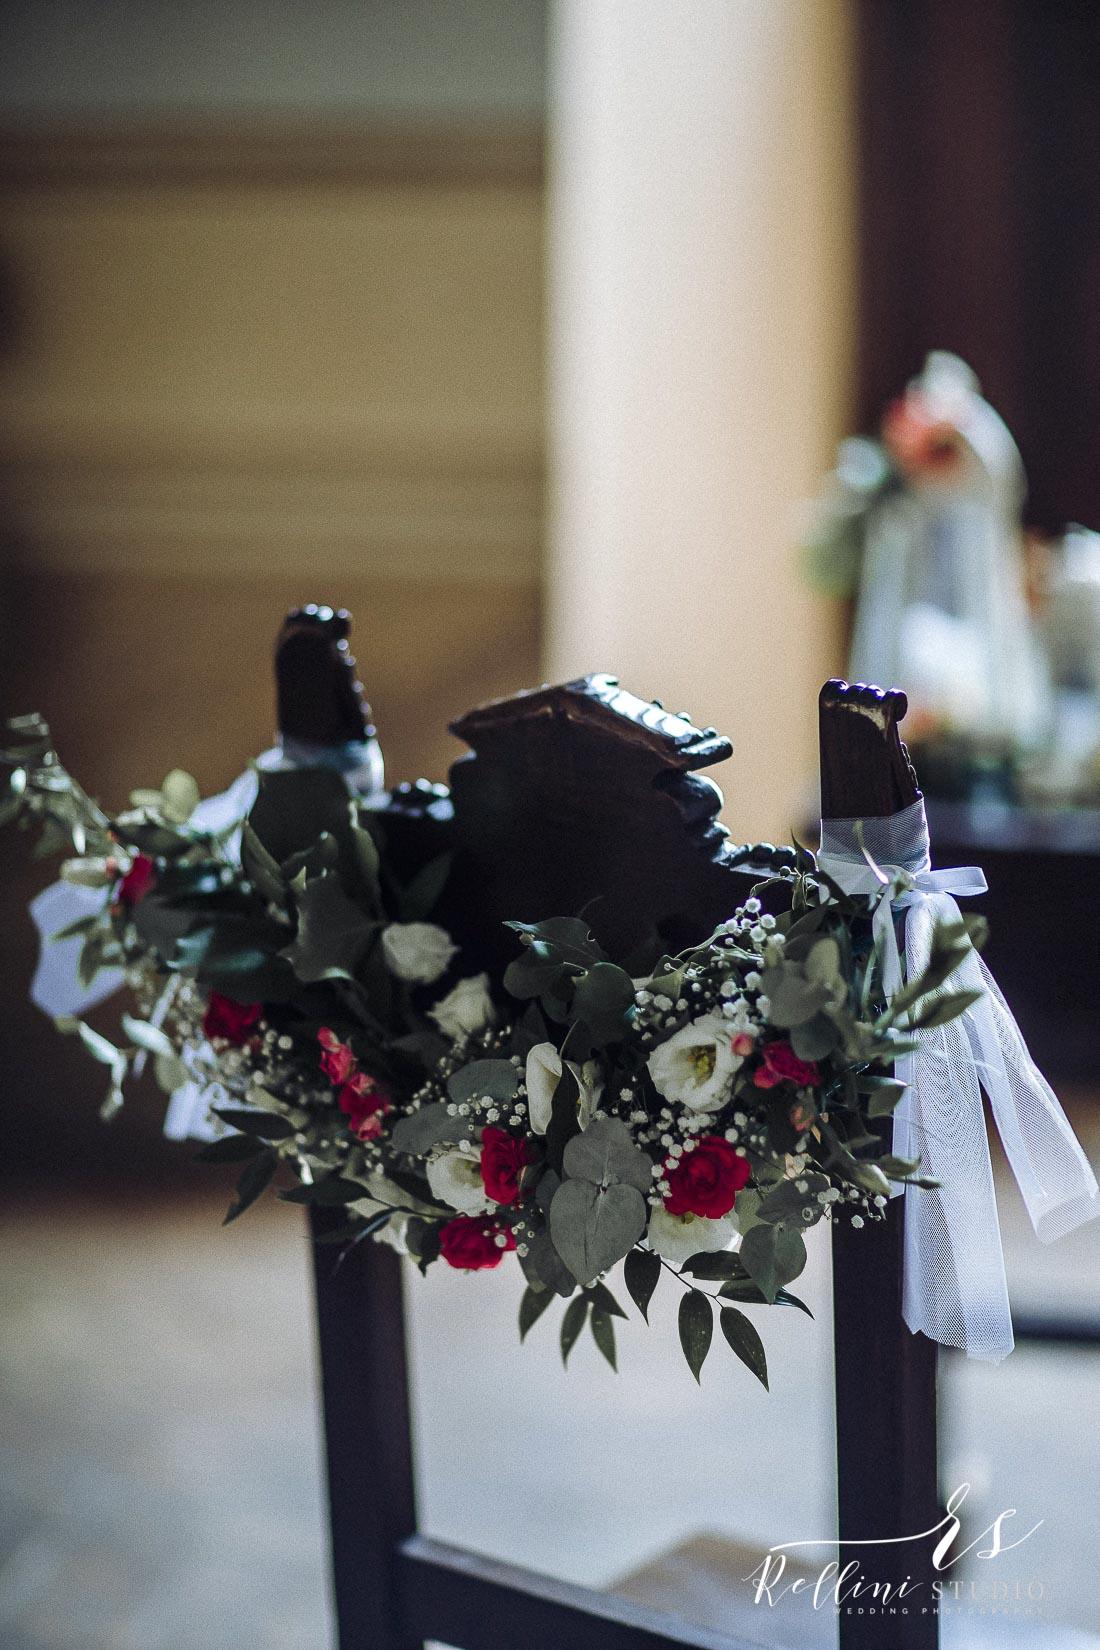 wedding at Palazzone in Orvieto 047.jpg